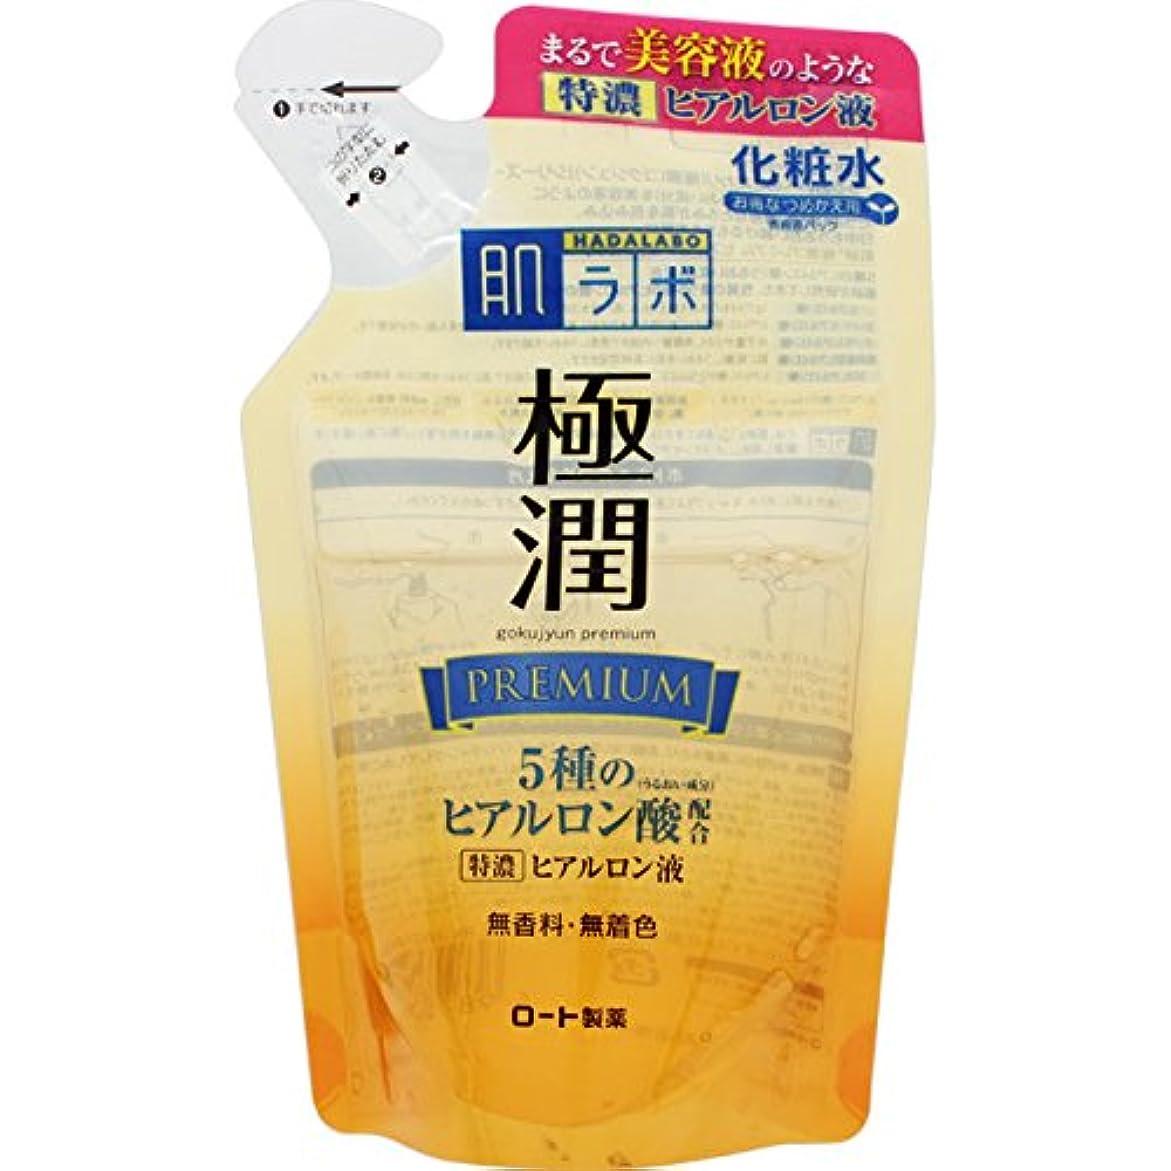 うぬぼれたハック厚い肌ラボ 極潤プレミアム 特濃ヒアルロン液 ヒアルロン酸5種類×サクラン配合 詰替用 170mL